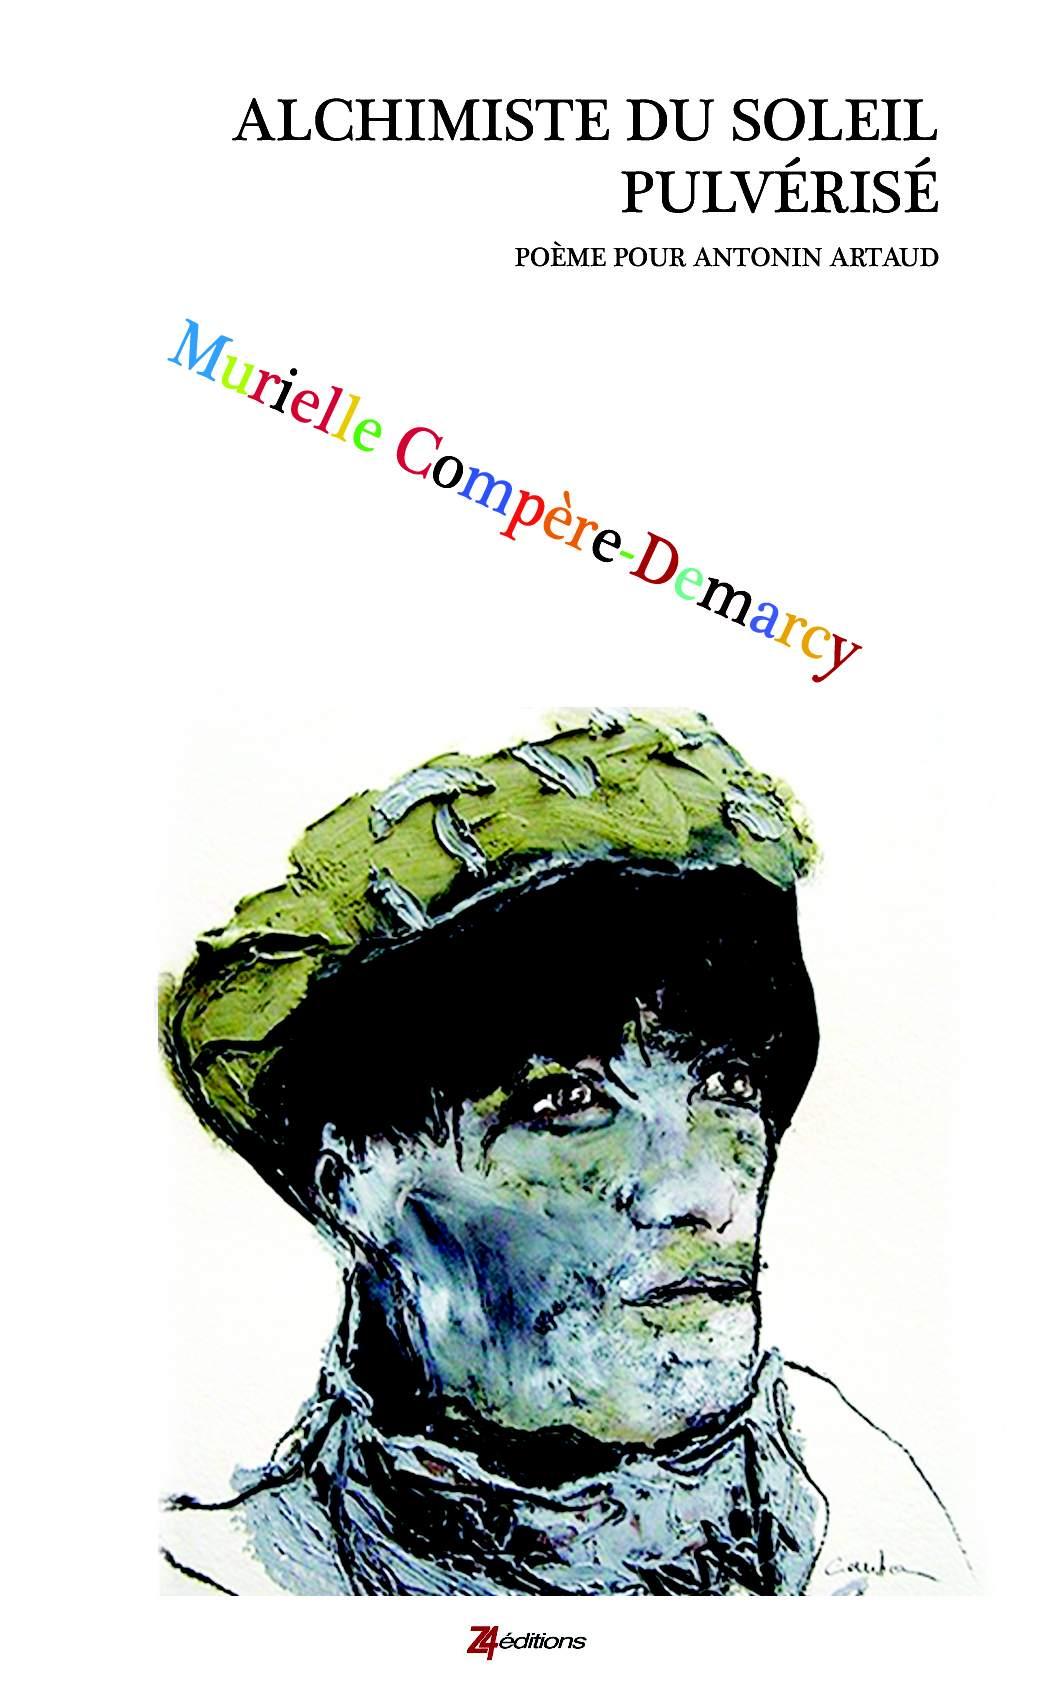 1ère de couverture Artaud Compere-Demarcy4 (5).jpg